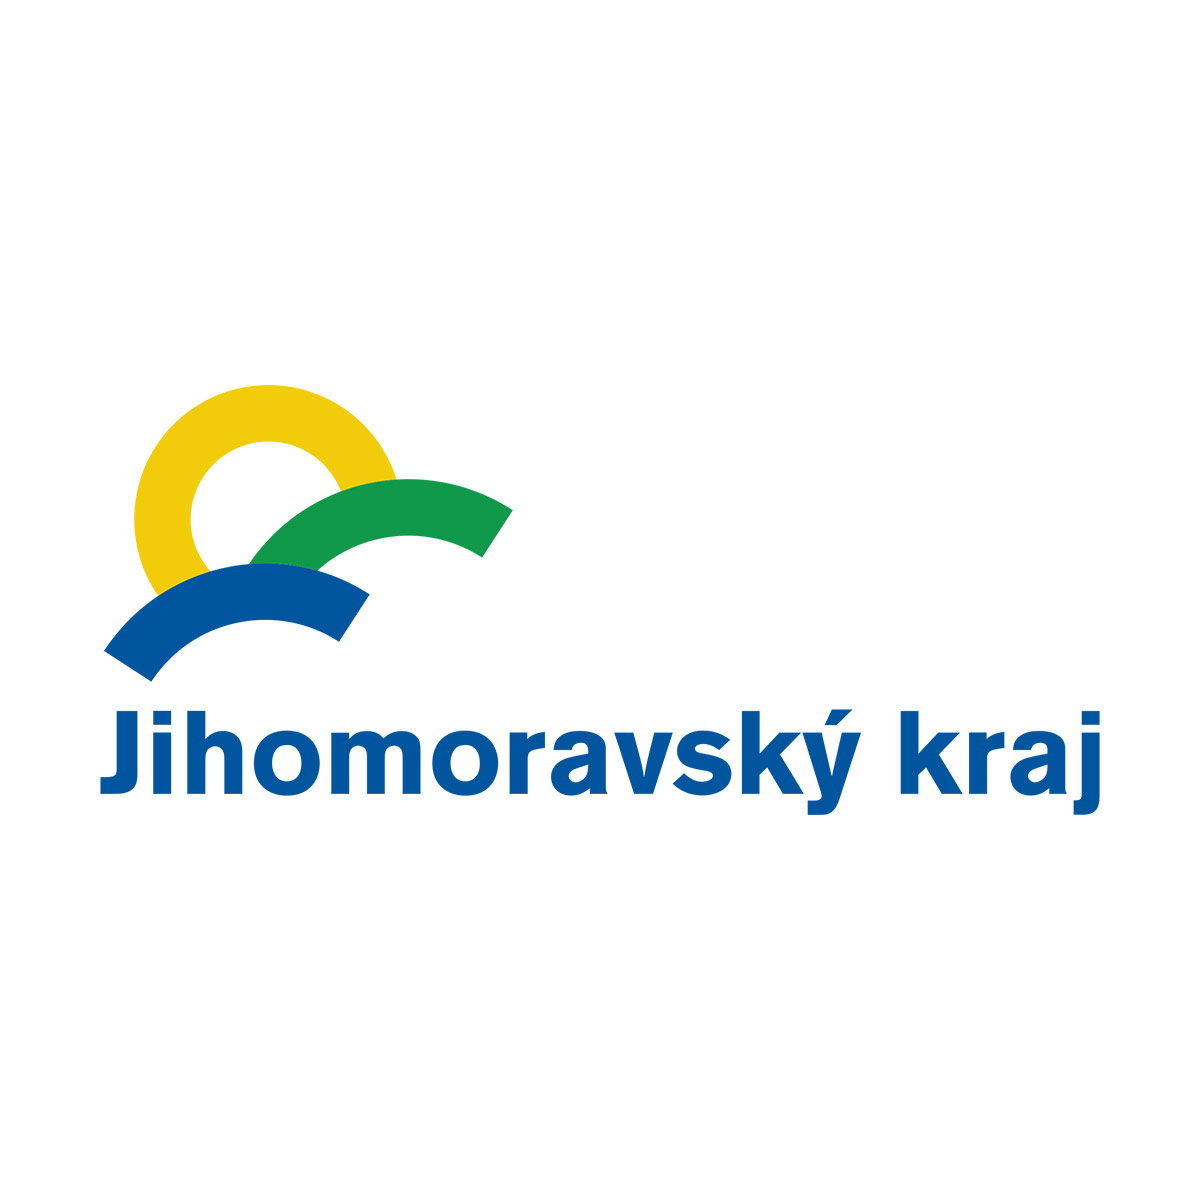 Image result for jihomoravský kraj logo